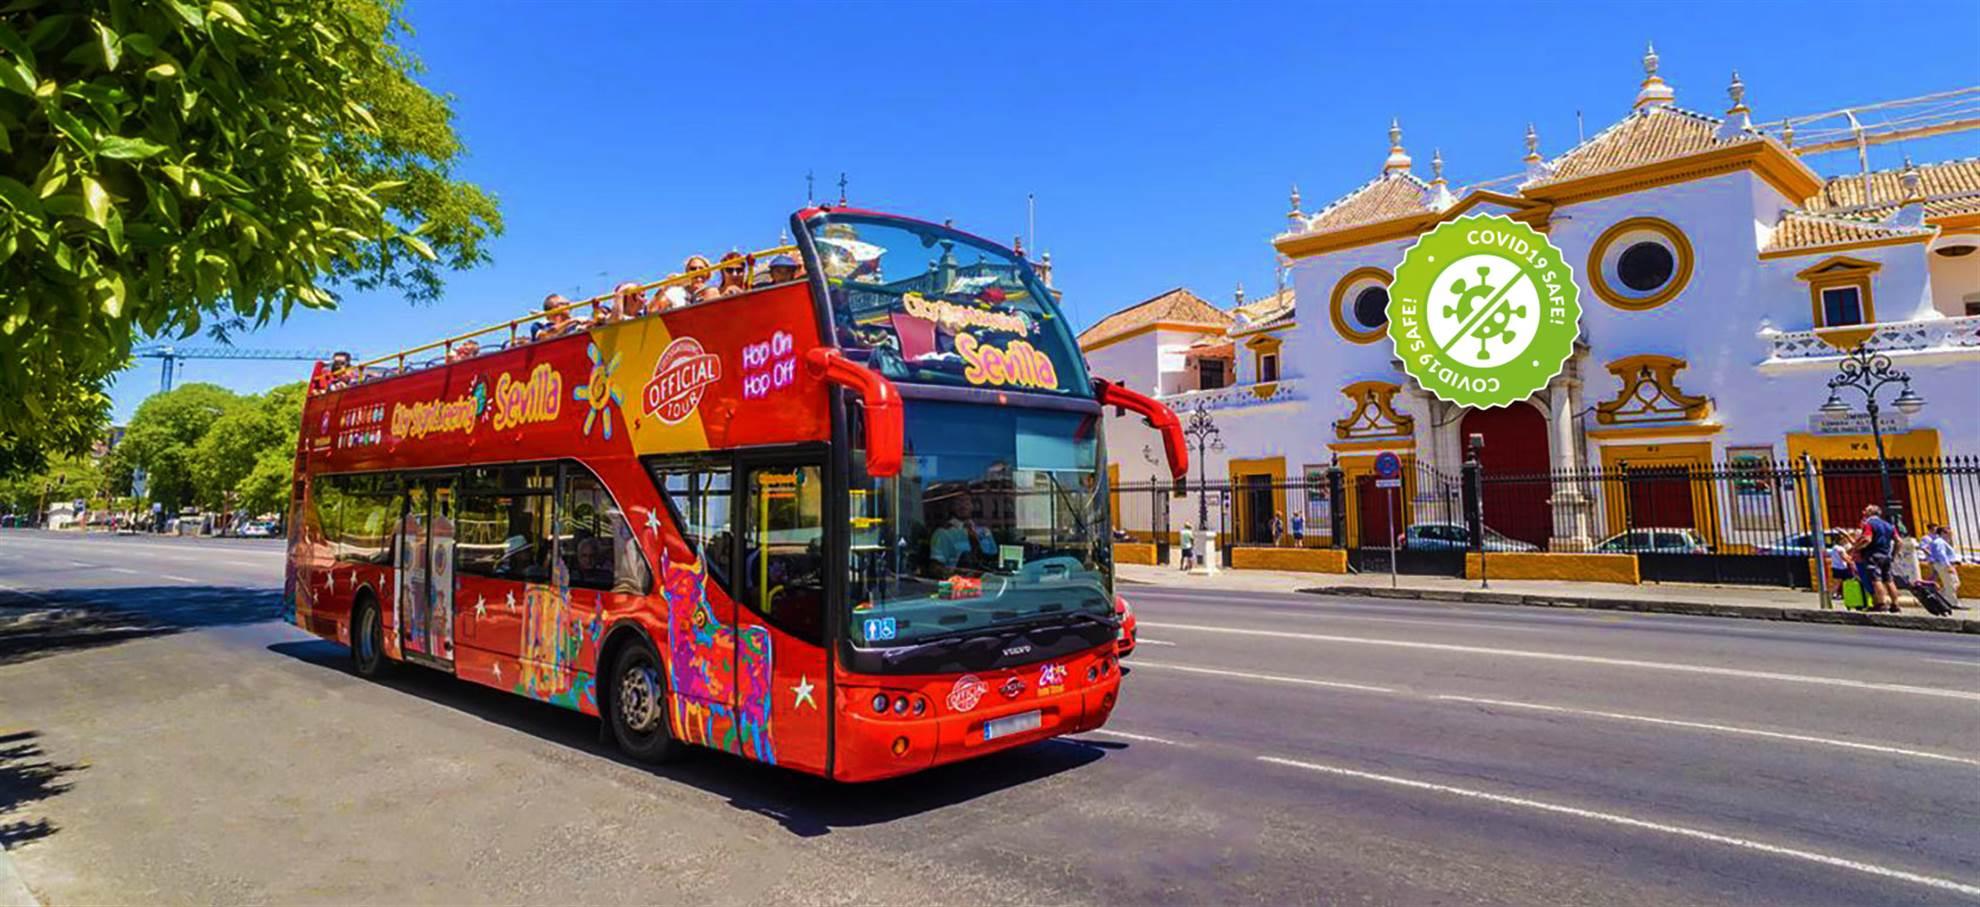 Sevilla Hop on Hop off Bus